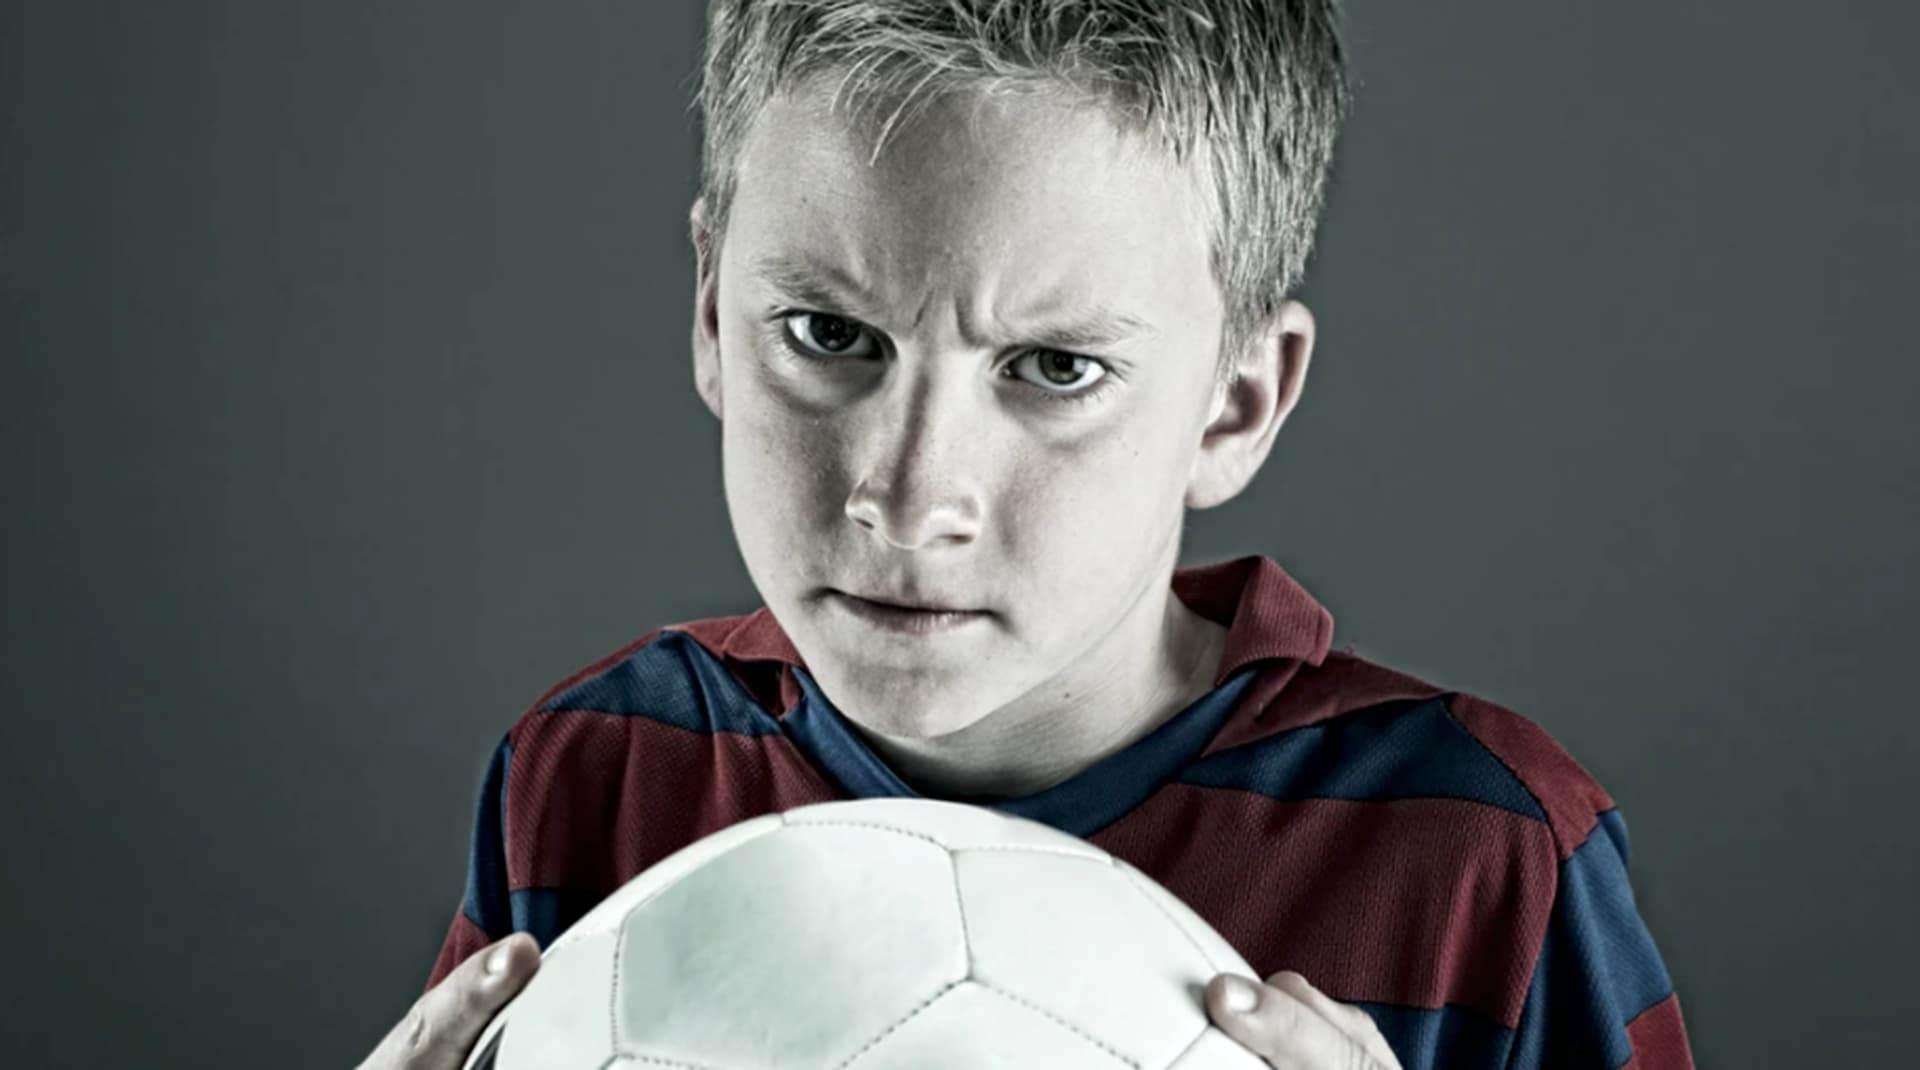 Футболисты бьют точно: как Роналду, Погба, Неймар, роняли имидж Coca-Cola, Nike, Heineken...